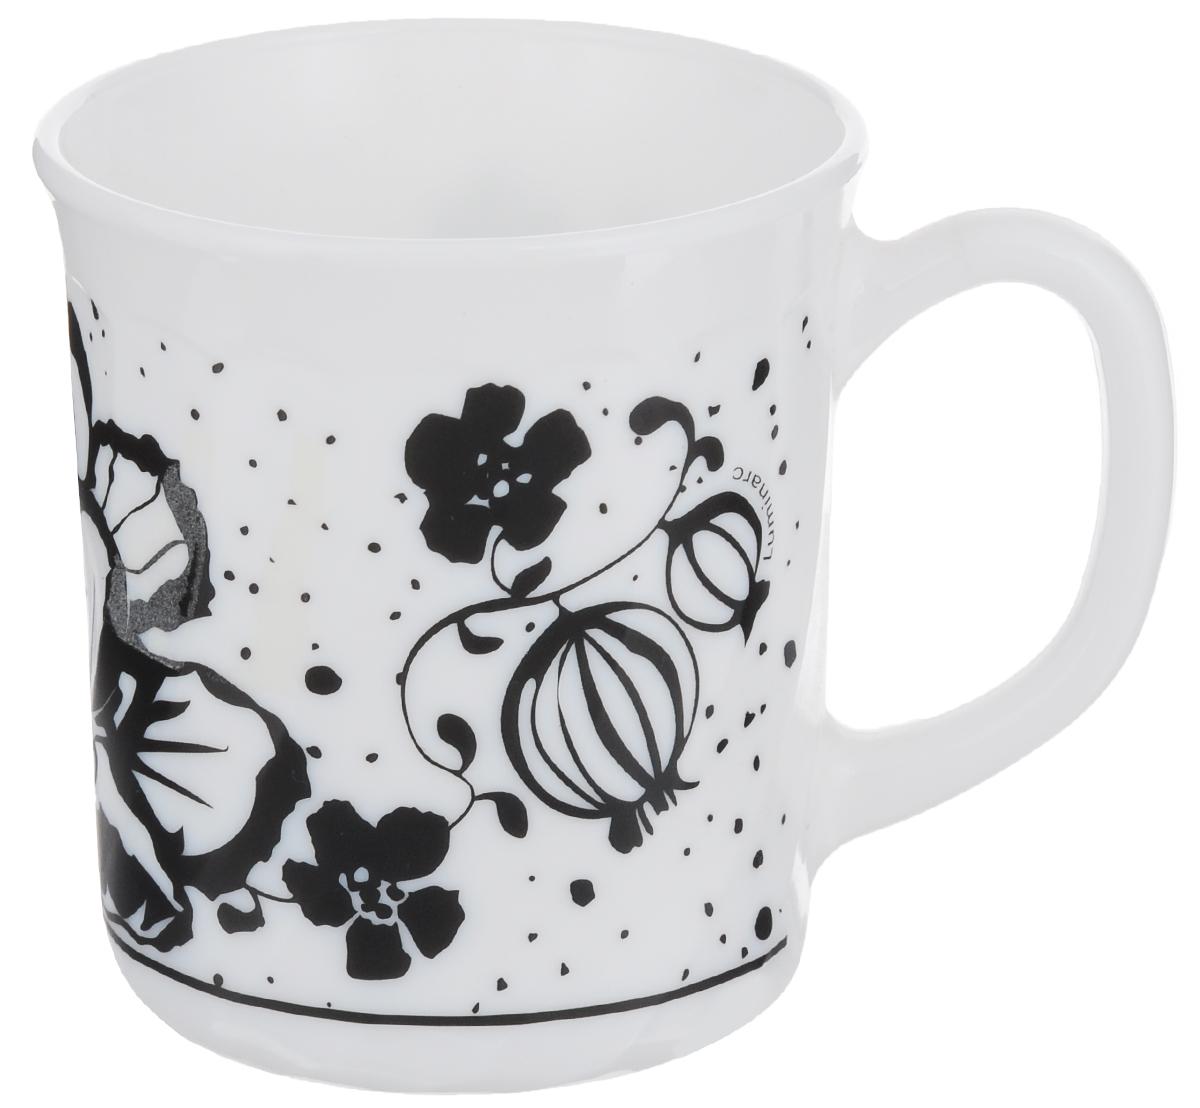 Кружка Luminarc Alcove Black, 290 млPENZ00681Кружка Luminarc Alcove Black изготовлена из прочного стекла. Такая кружка прекрасно подойдет для горячих и холодных напитков. Она дополнит коллекцию вашей кухонной посуды и будет служить долгие годы. Объем кружки: 290 мл. Диаметр кружки (по верхнему краю): 8 см.